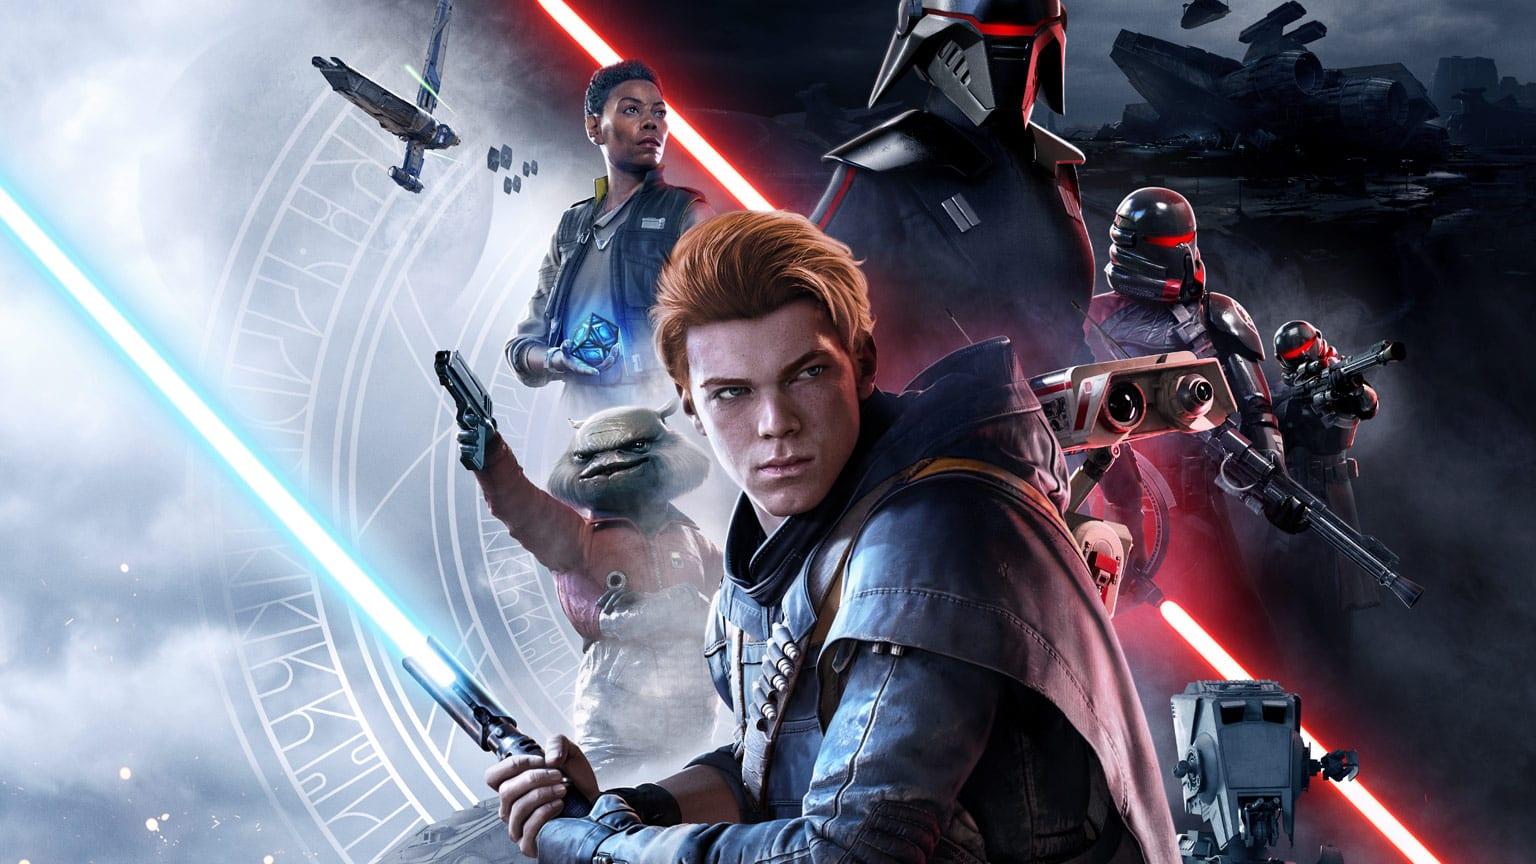 Star wars jedi fallen order, how much it costs to buy, how much is it, how much does it cost